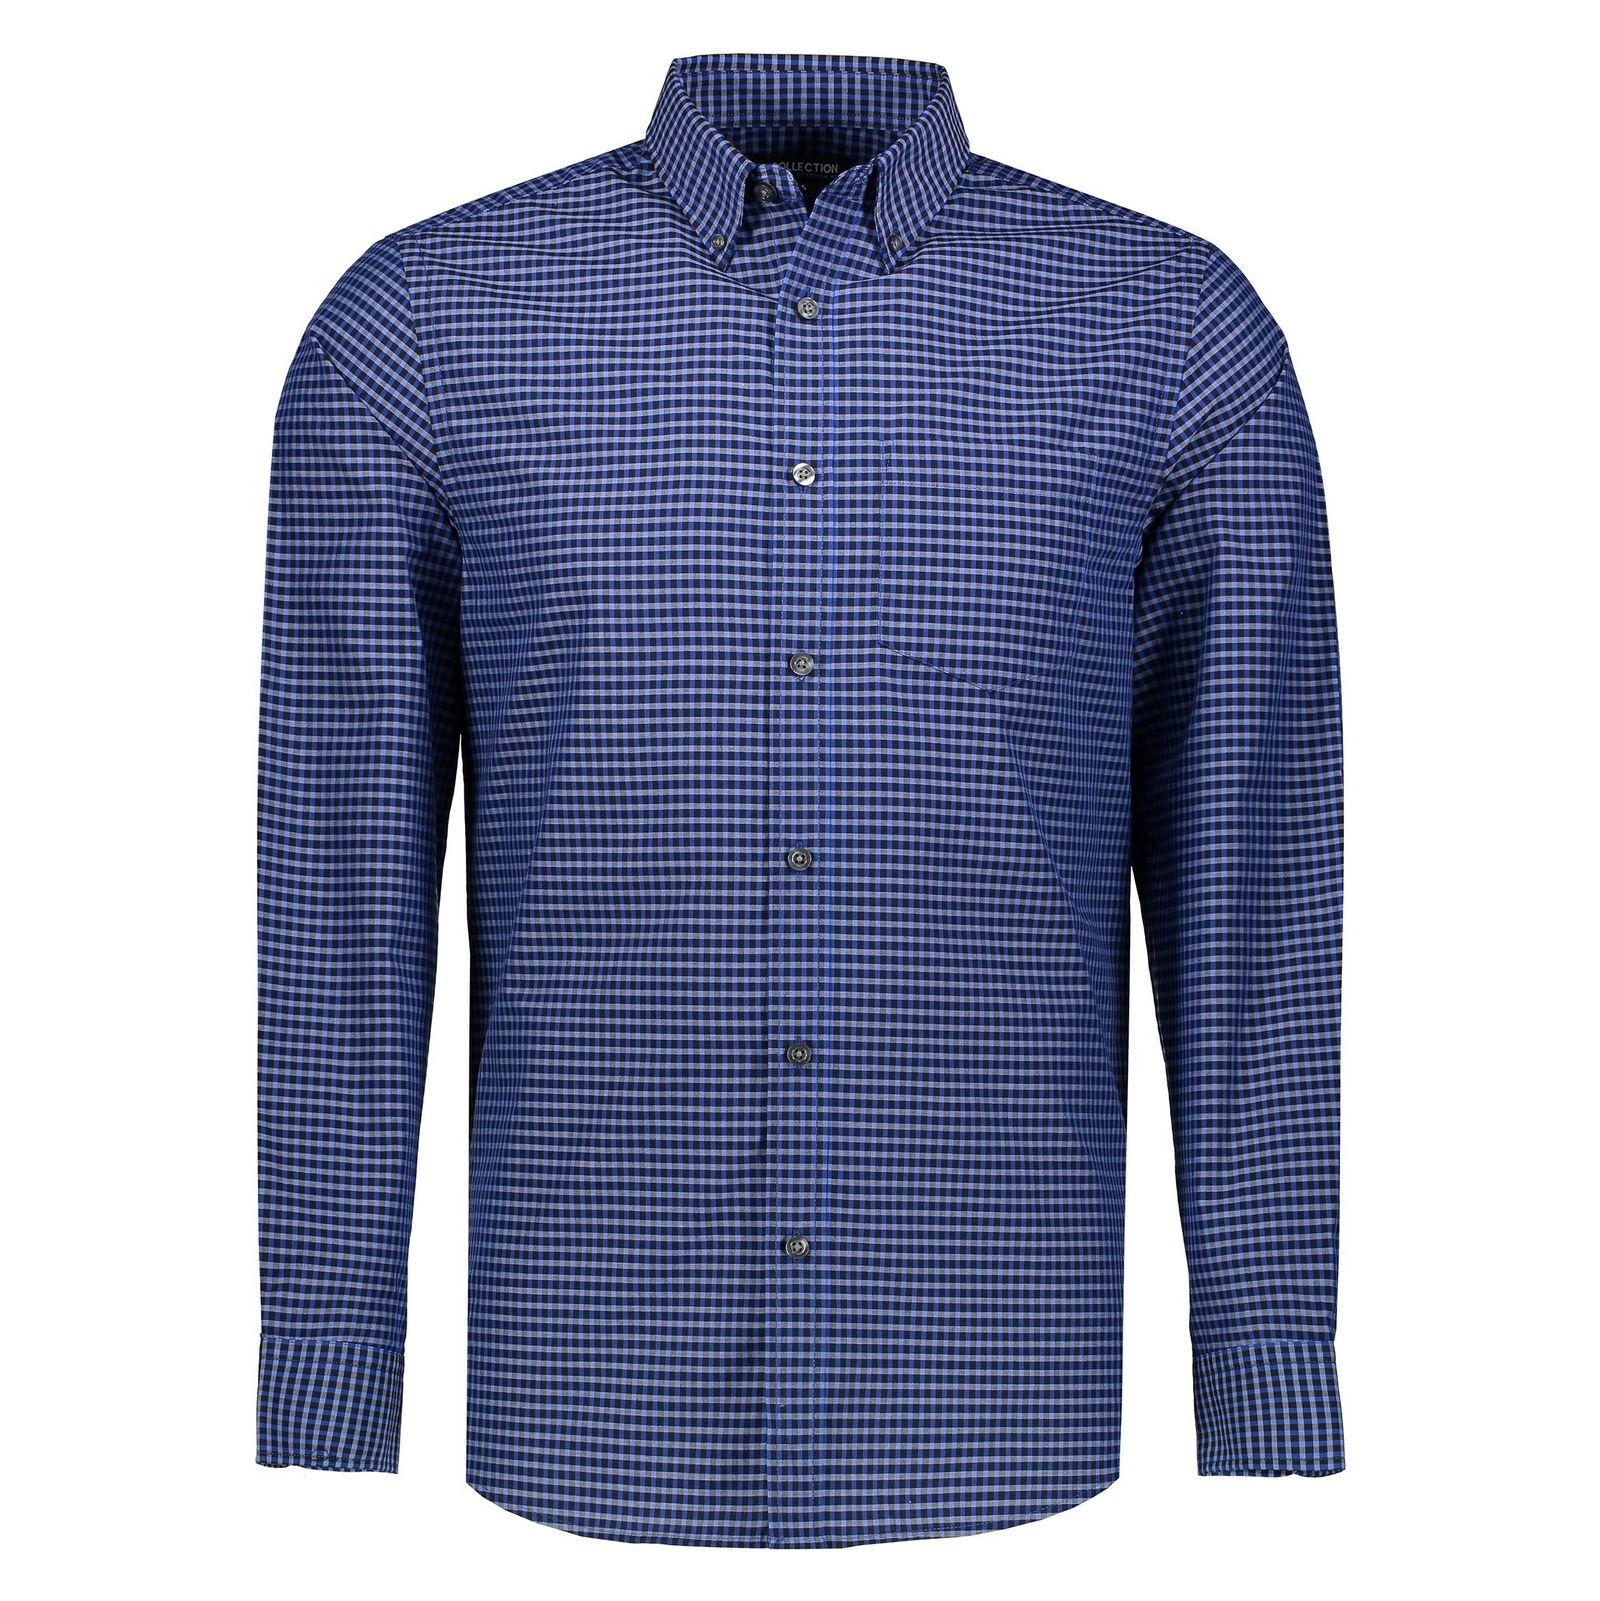 پیراهن نخی مردانه - کالکشن - آبي - 6